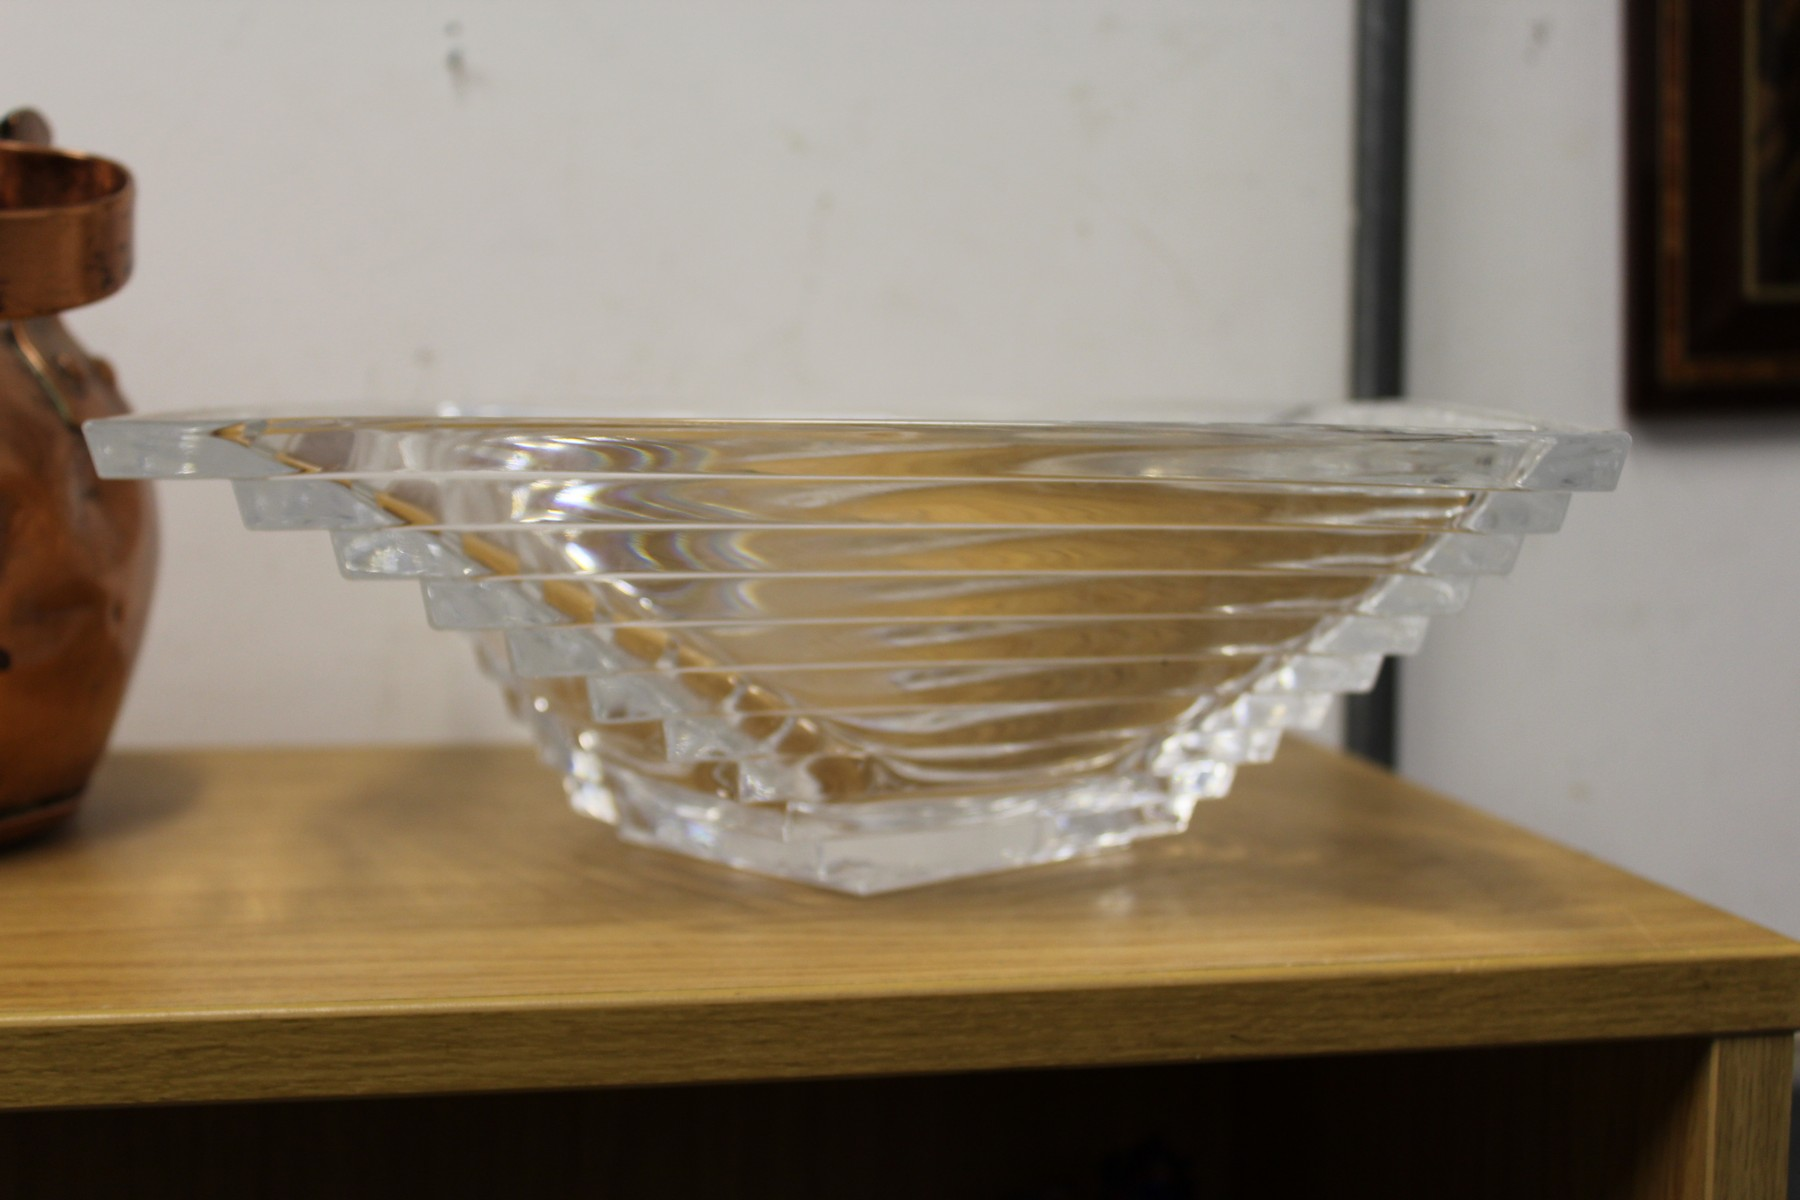 A stylish cut glass bowl.